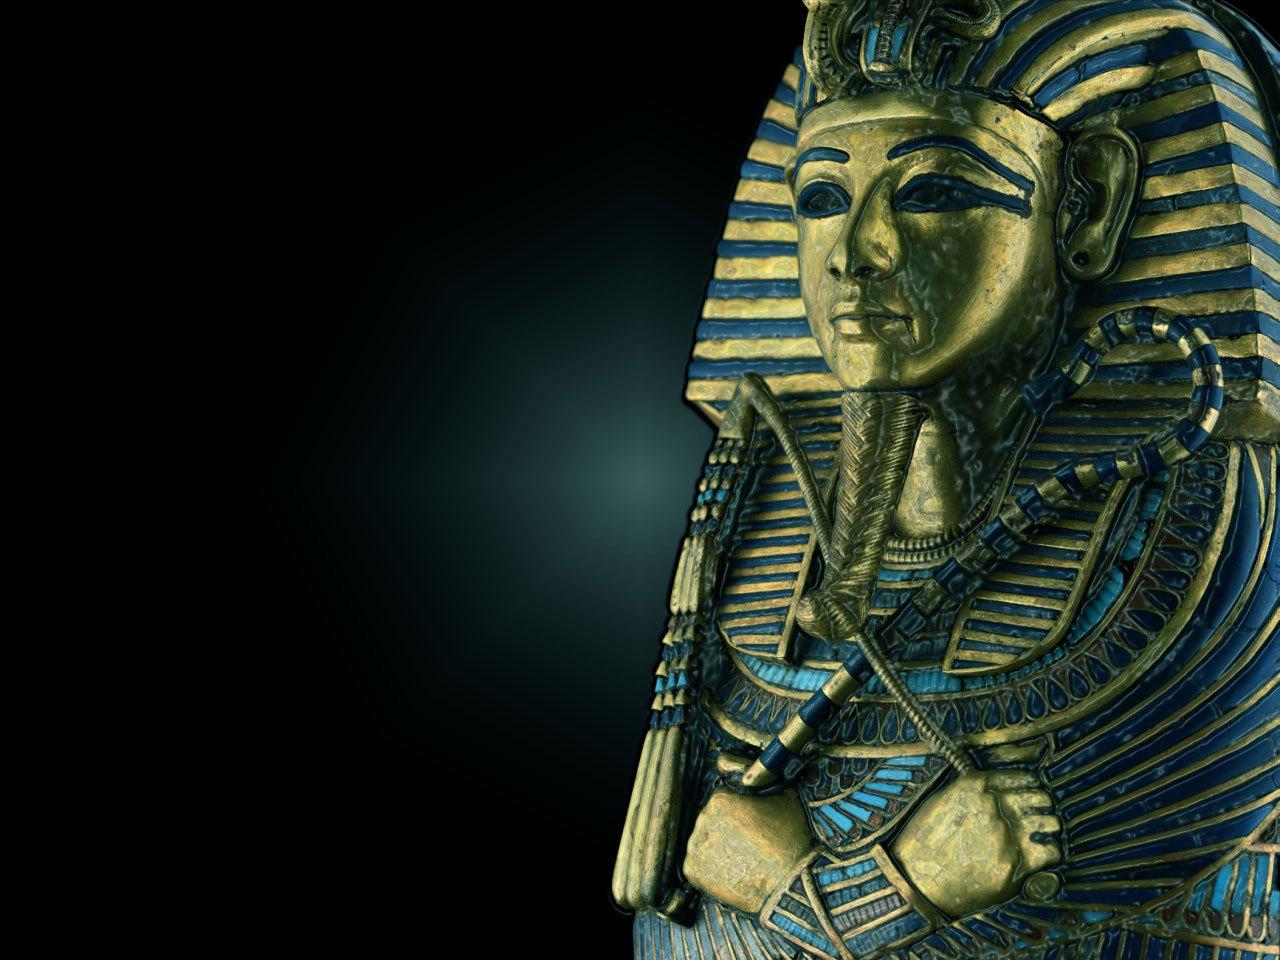 Тайна гробницы Тутанхамона - а был ли мальчик?